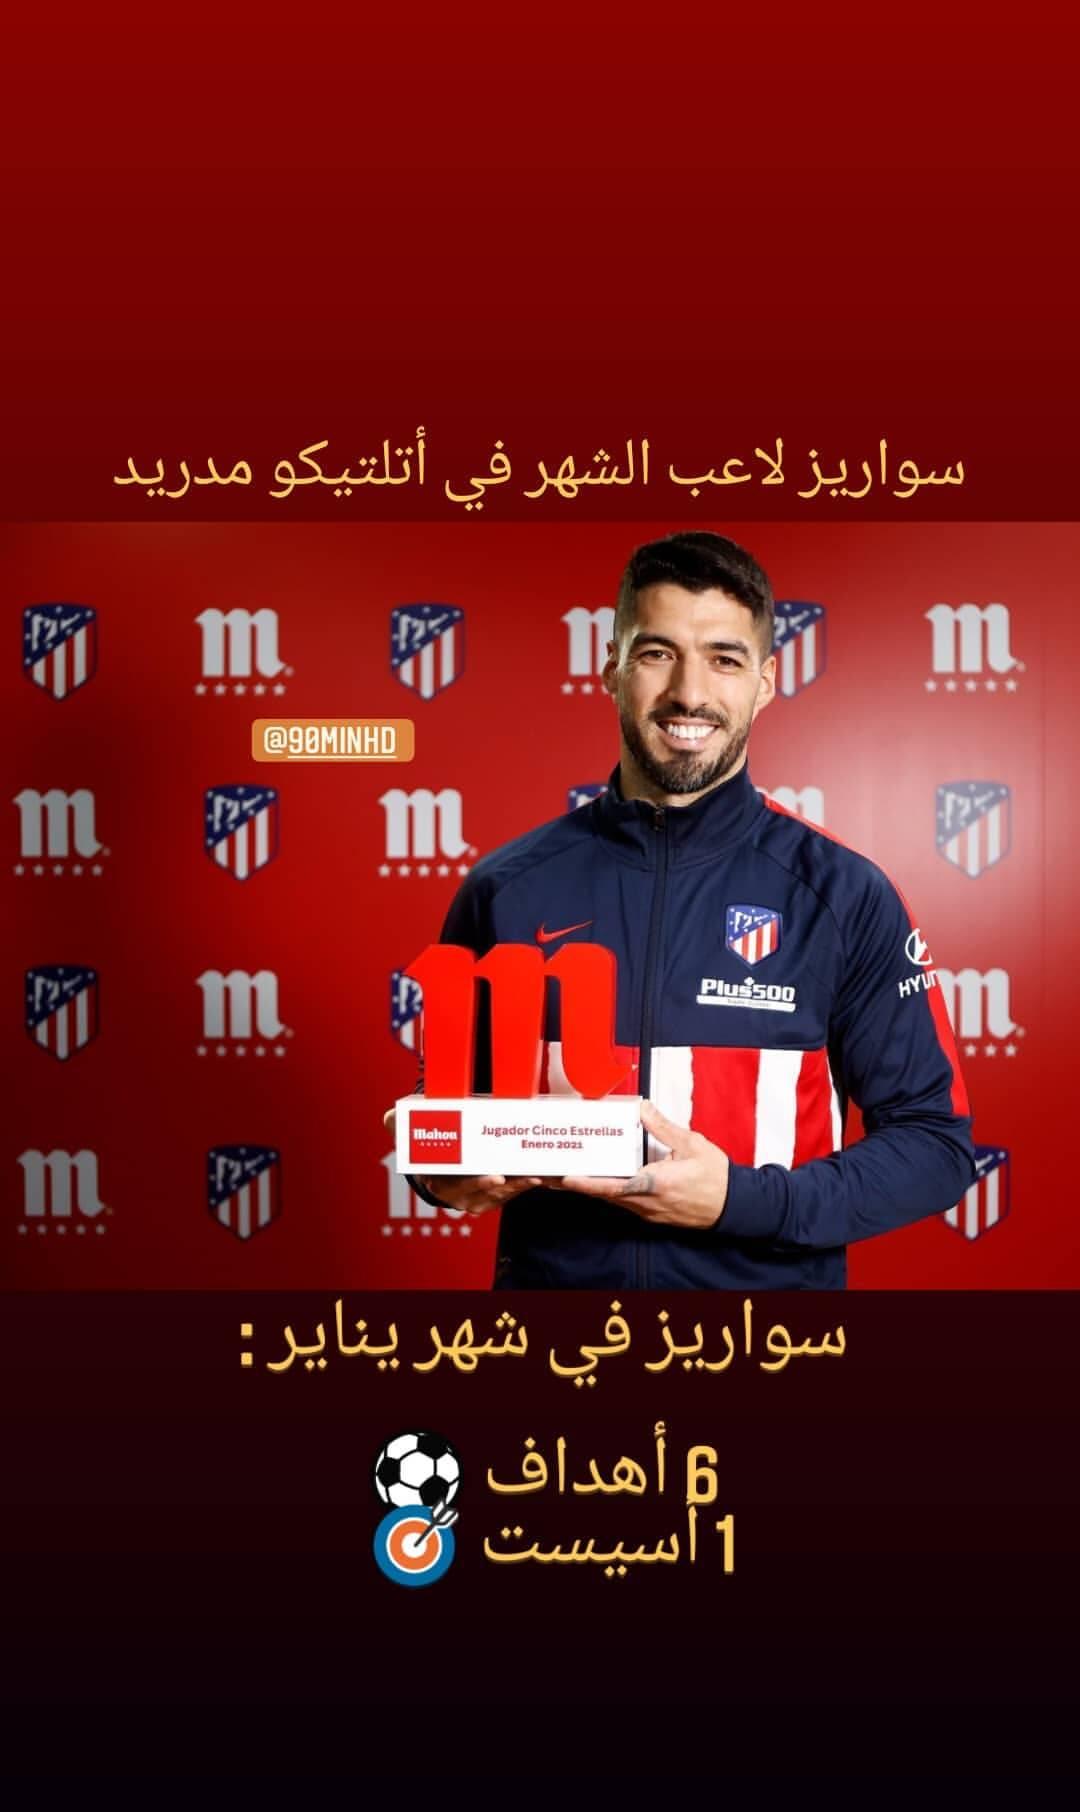 Atlético Madrid by Abdo Robyu